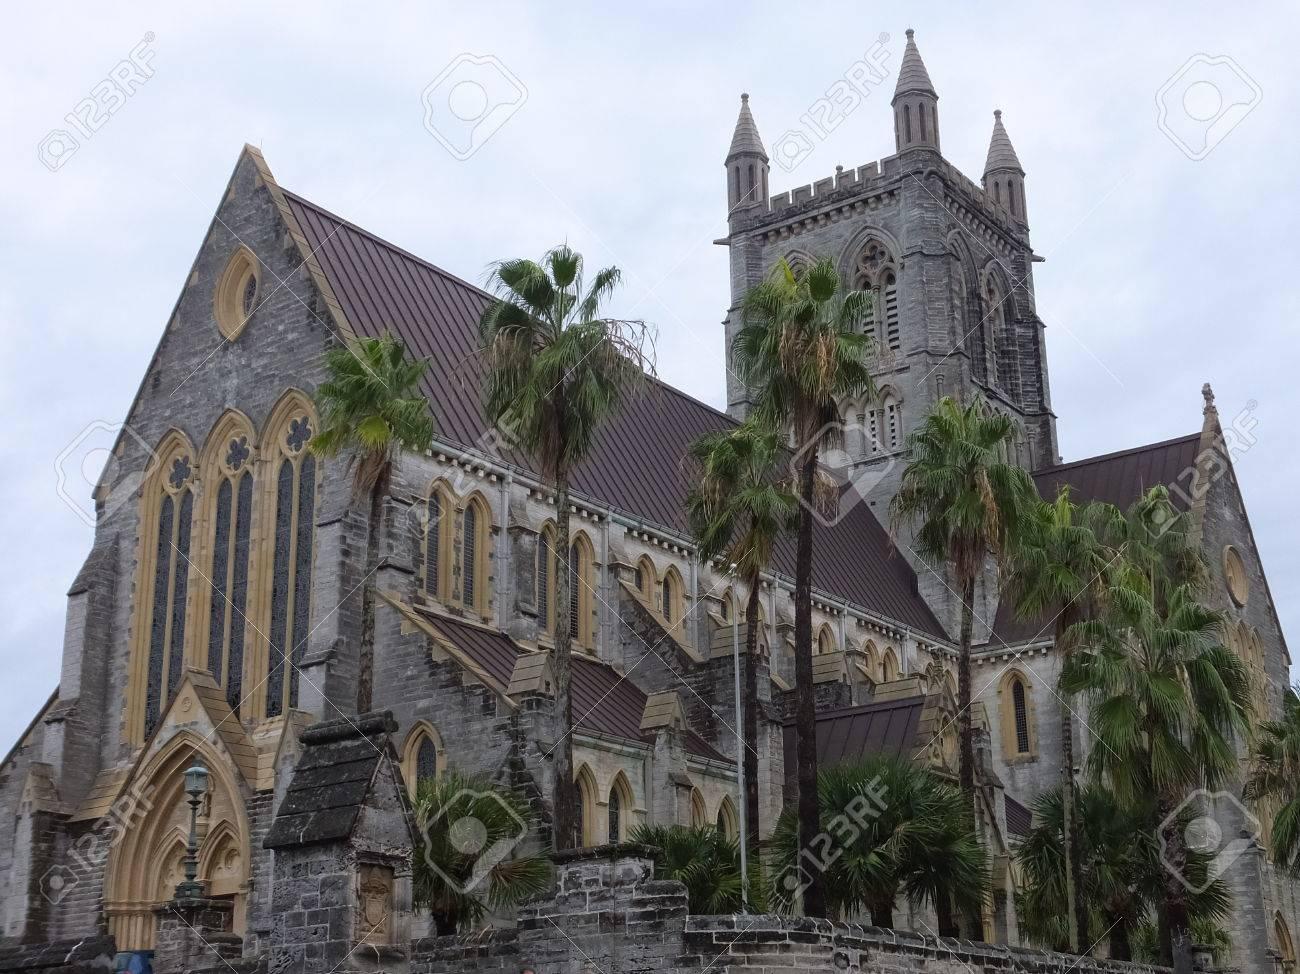 Santísima HamiltonBermuda Catedral Trinidad De En La SzVqULGMp